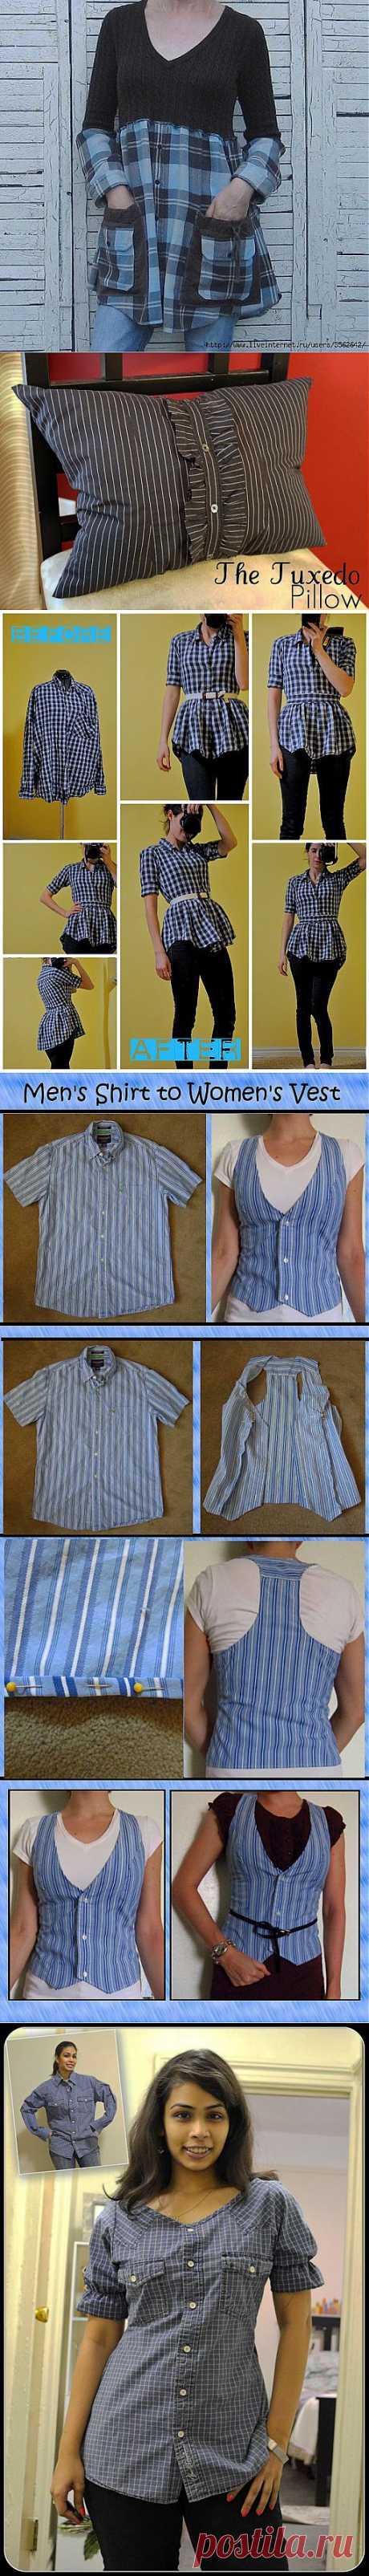 Творческий подход к мужской рубашке..